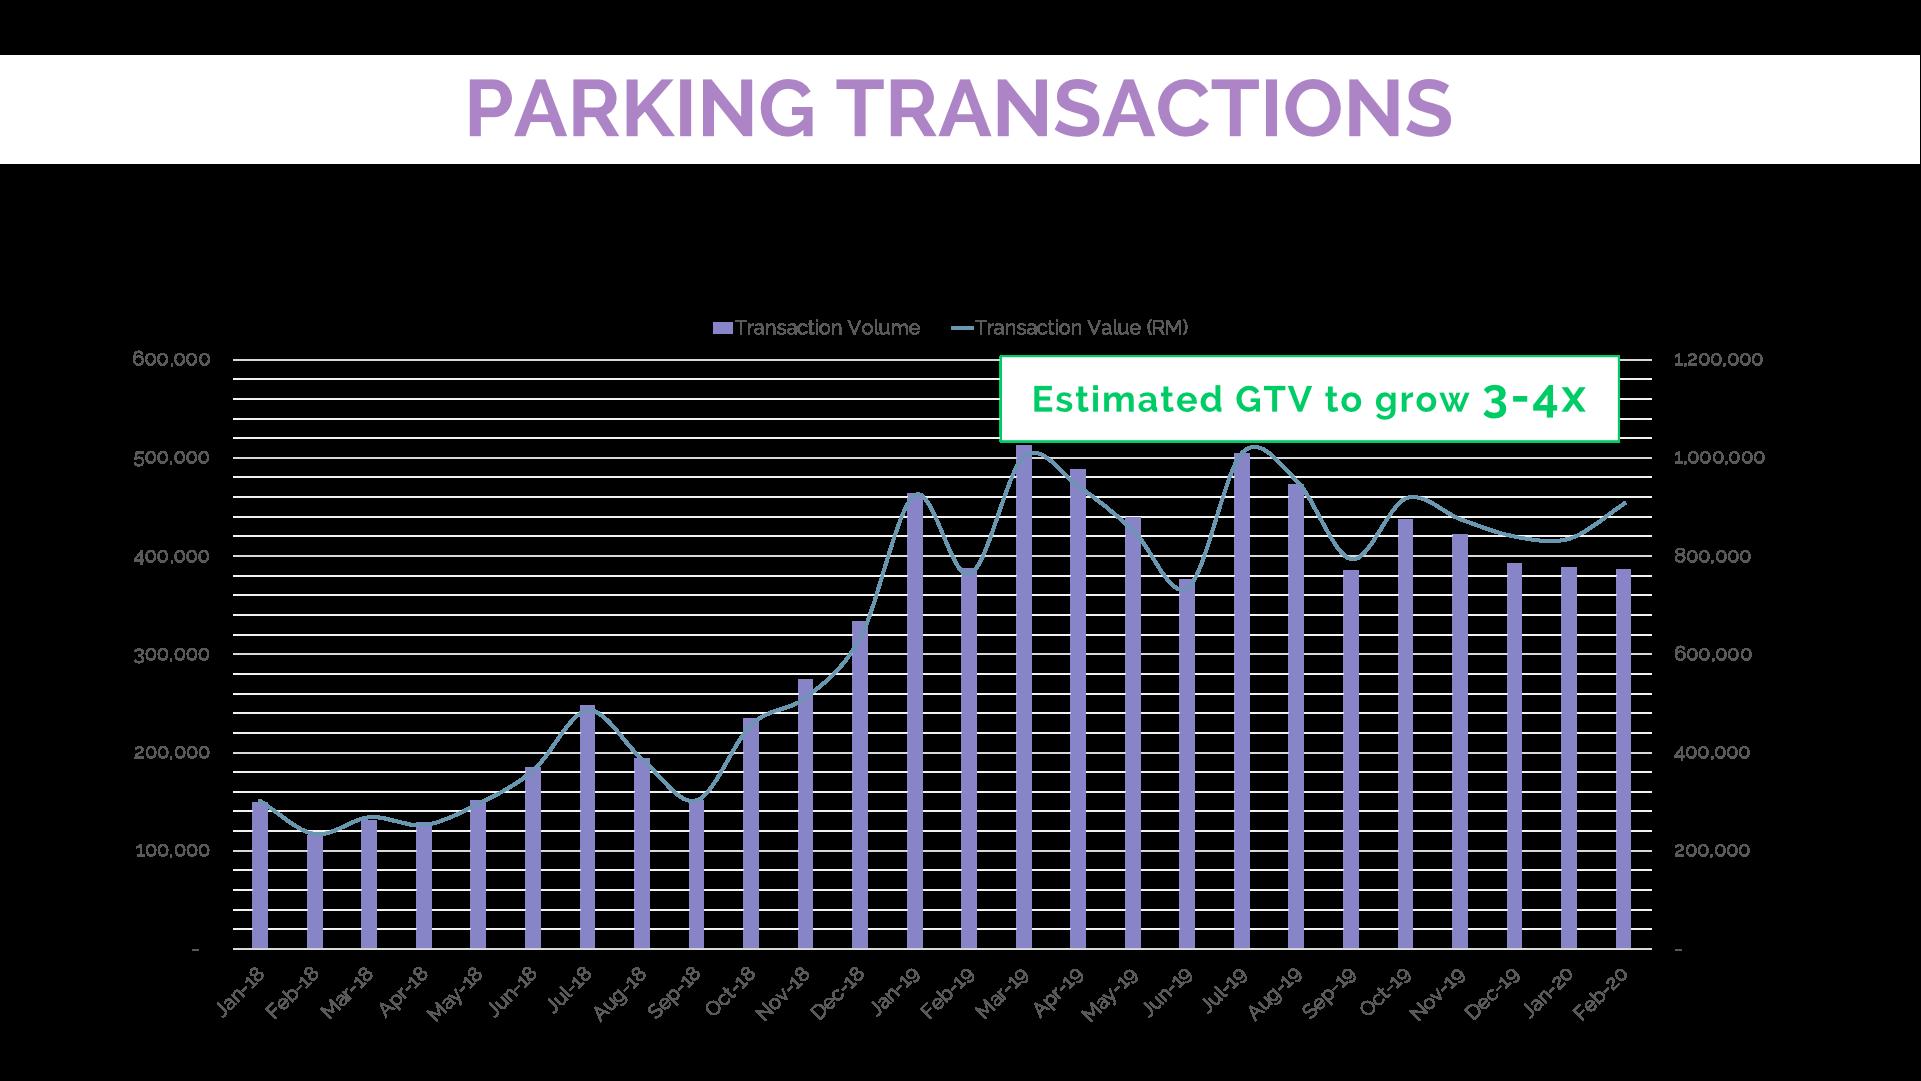 Parking Transaction